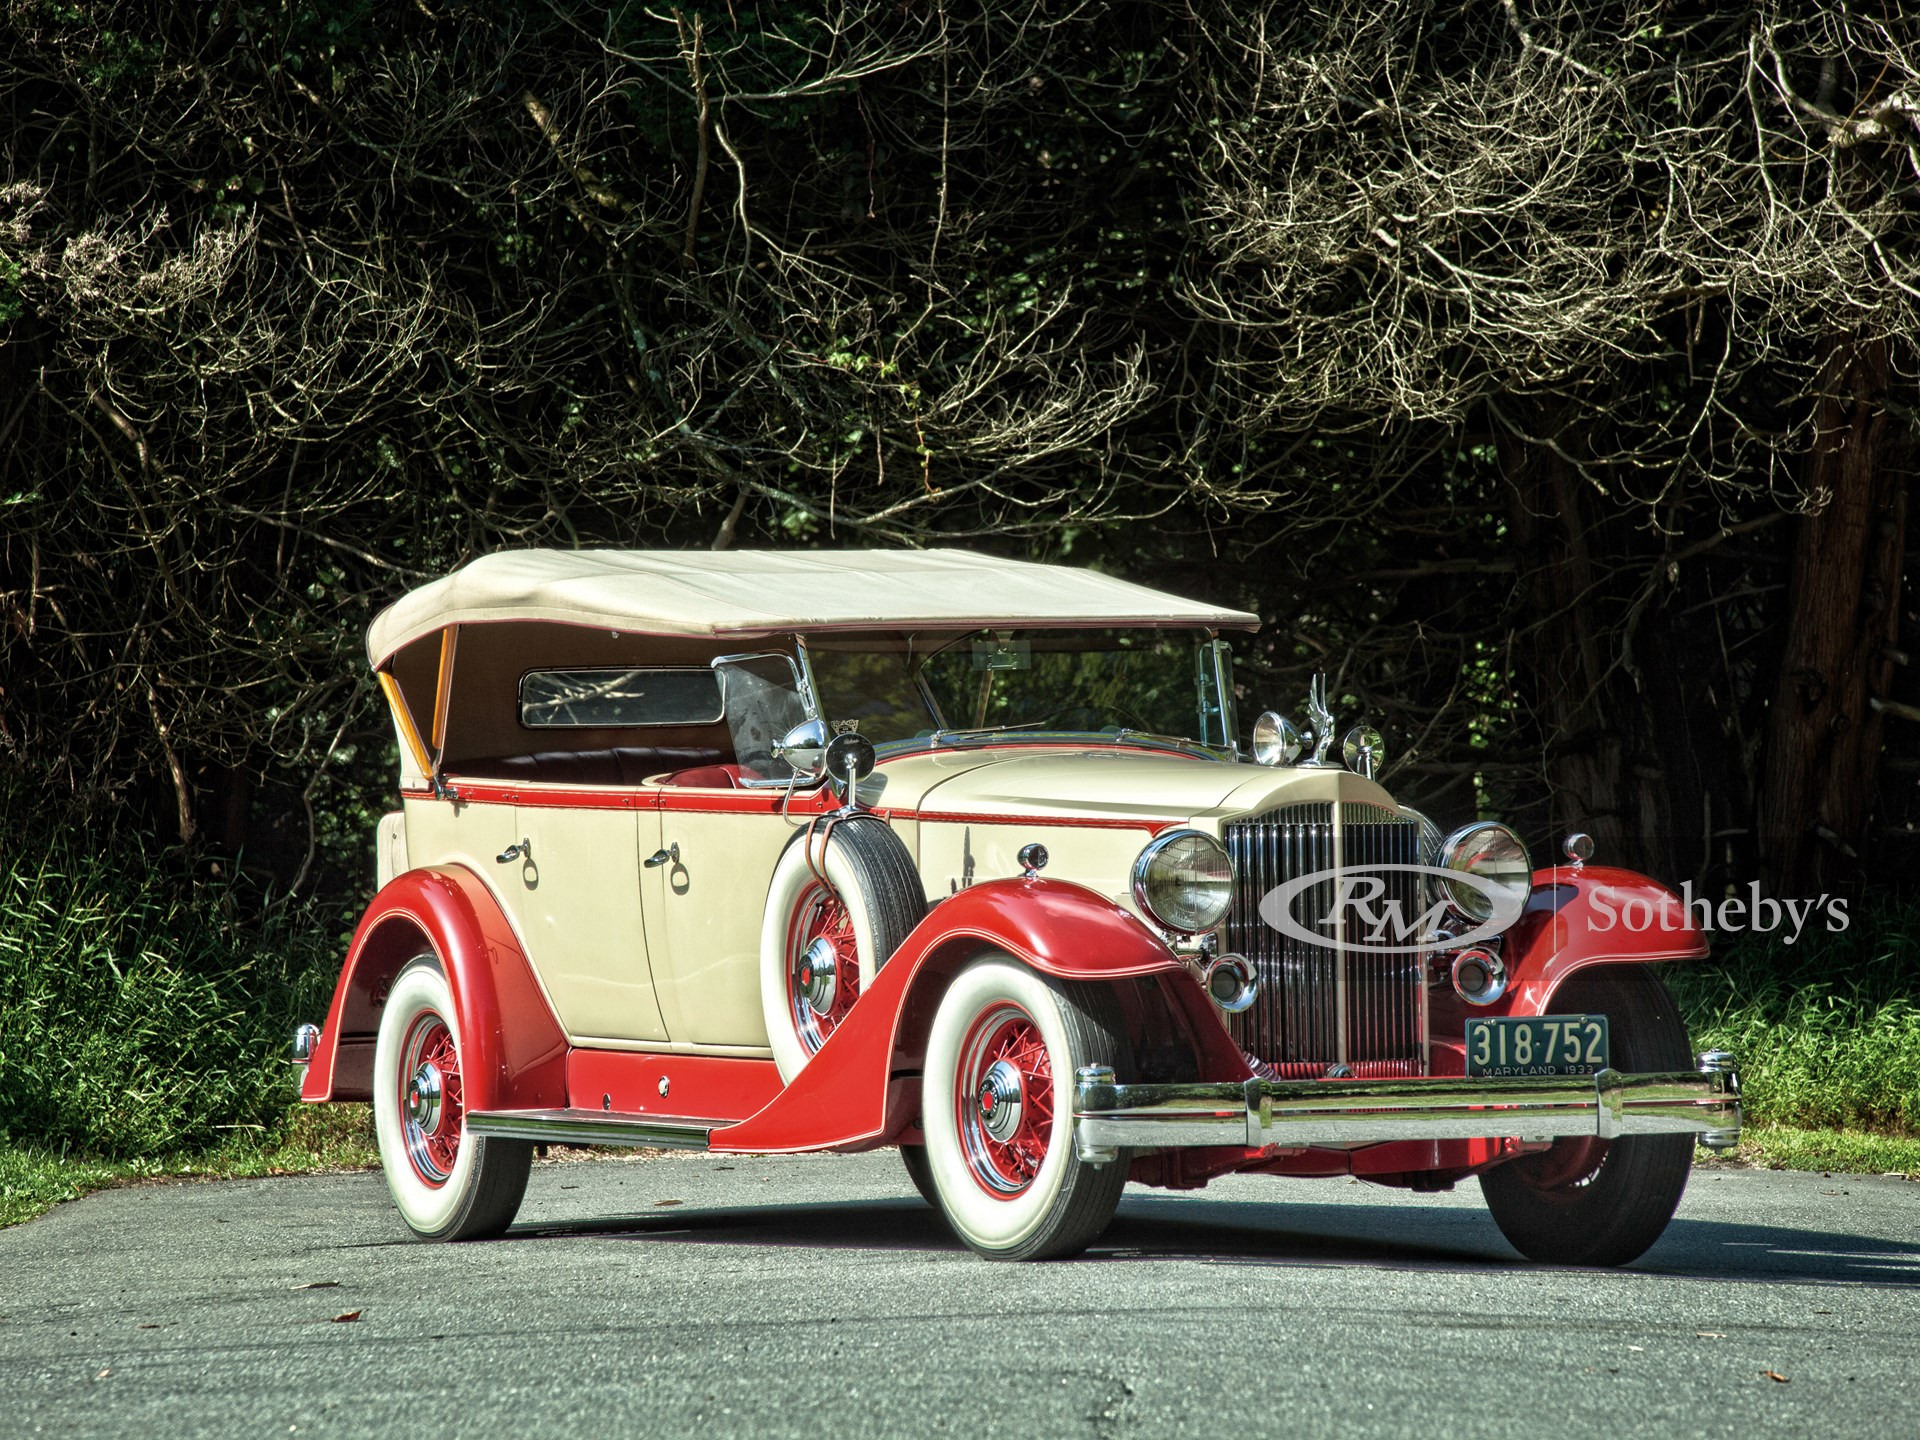 1933 Packard Super Eight Model 1004 5/7-Passenger Touring